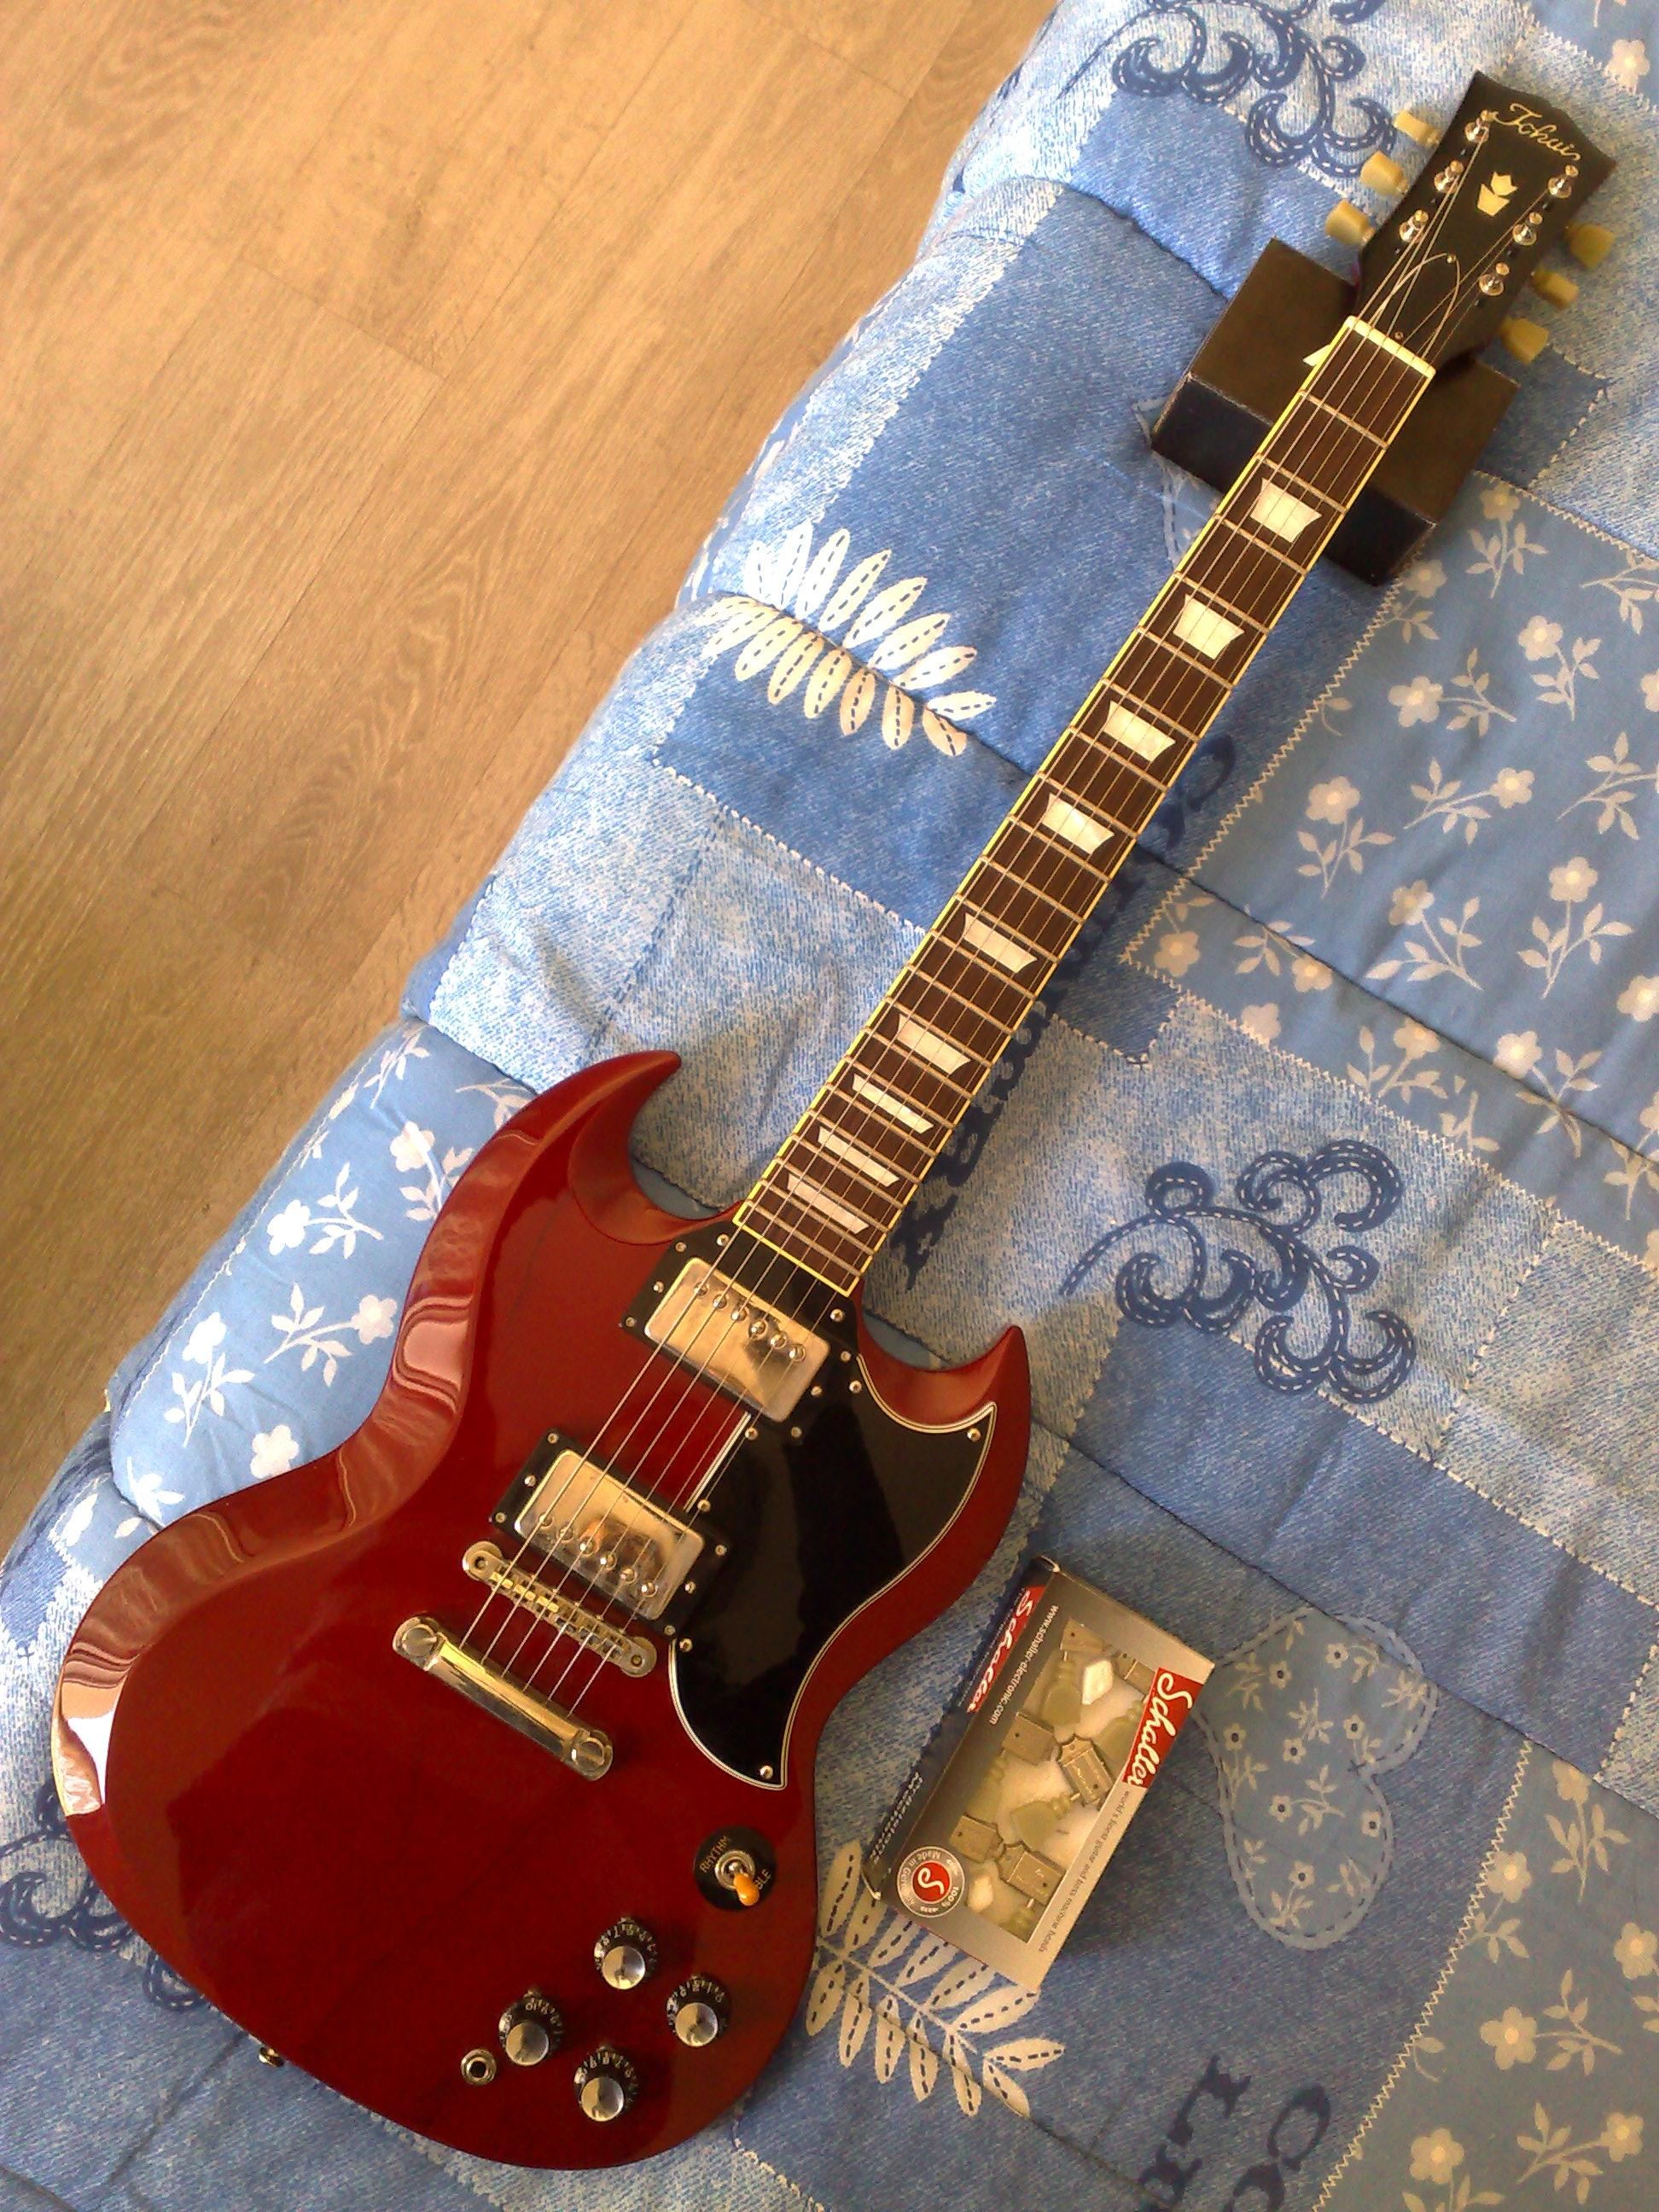 Upoznavanje yamaha gitara serijskim brojevima